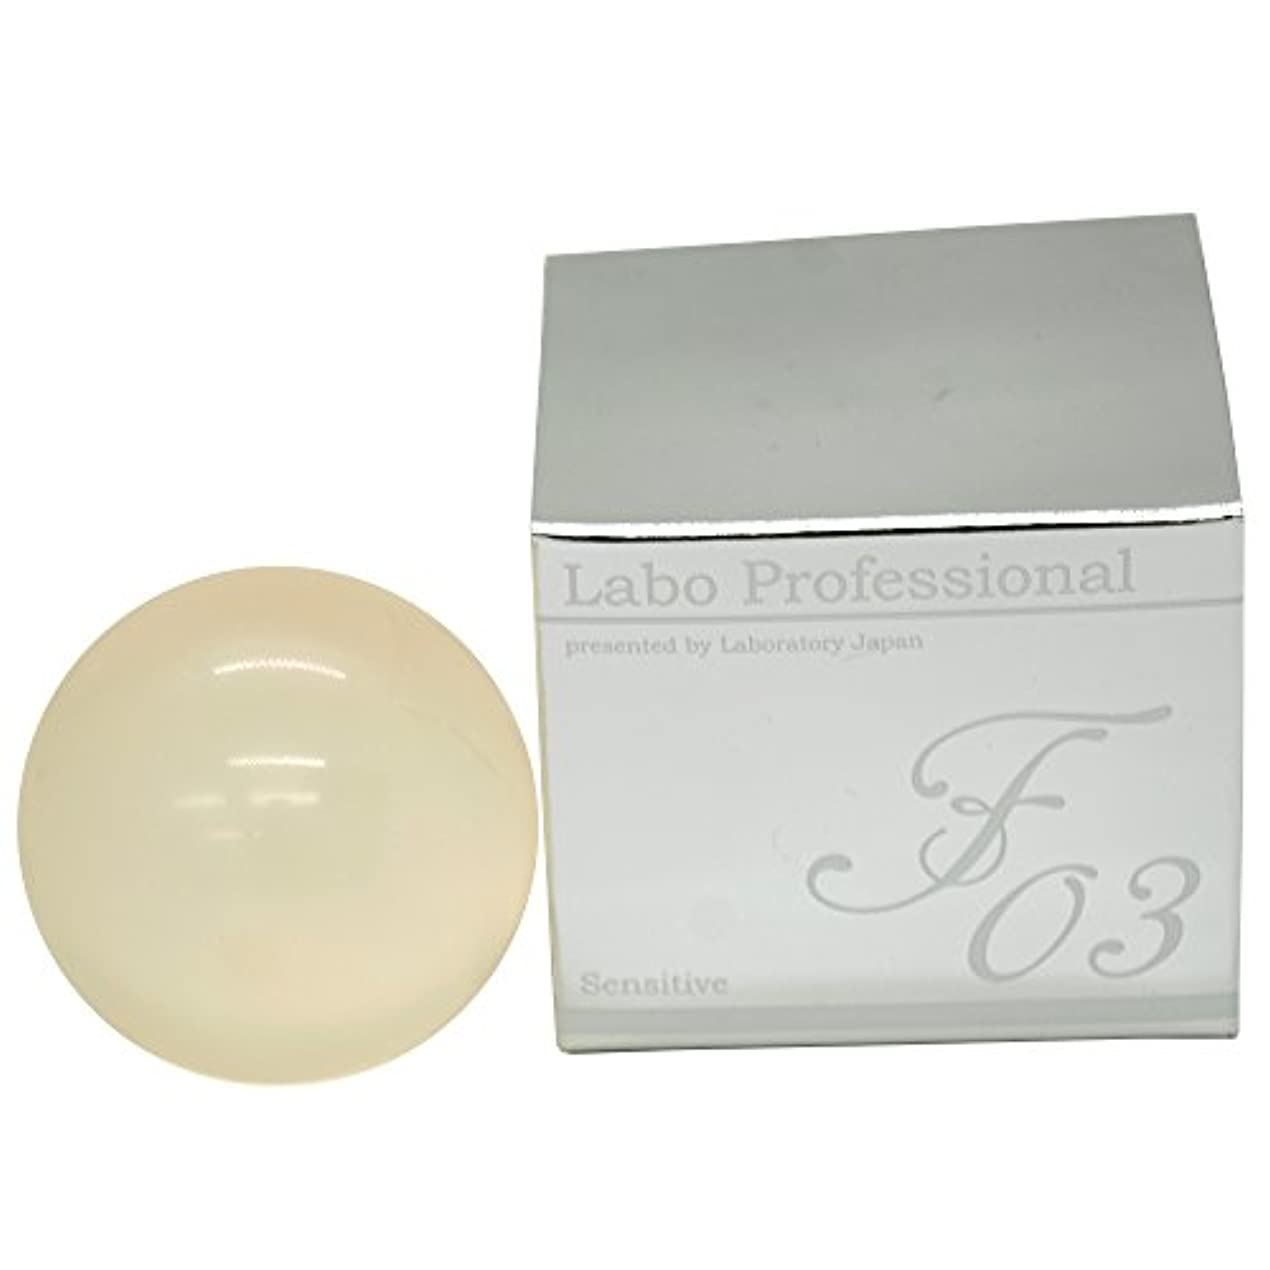 ご覧くださいコンサートマウス日本製【真性フコイダン配合】赤ちゃんから使える 敏感肌向け美容石鹸|Labo Professional F03